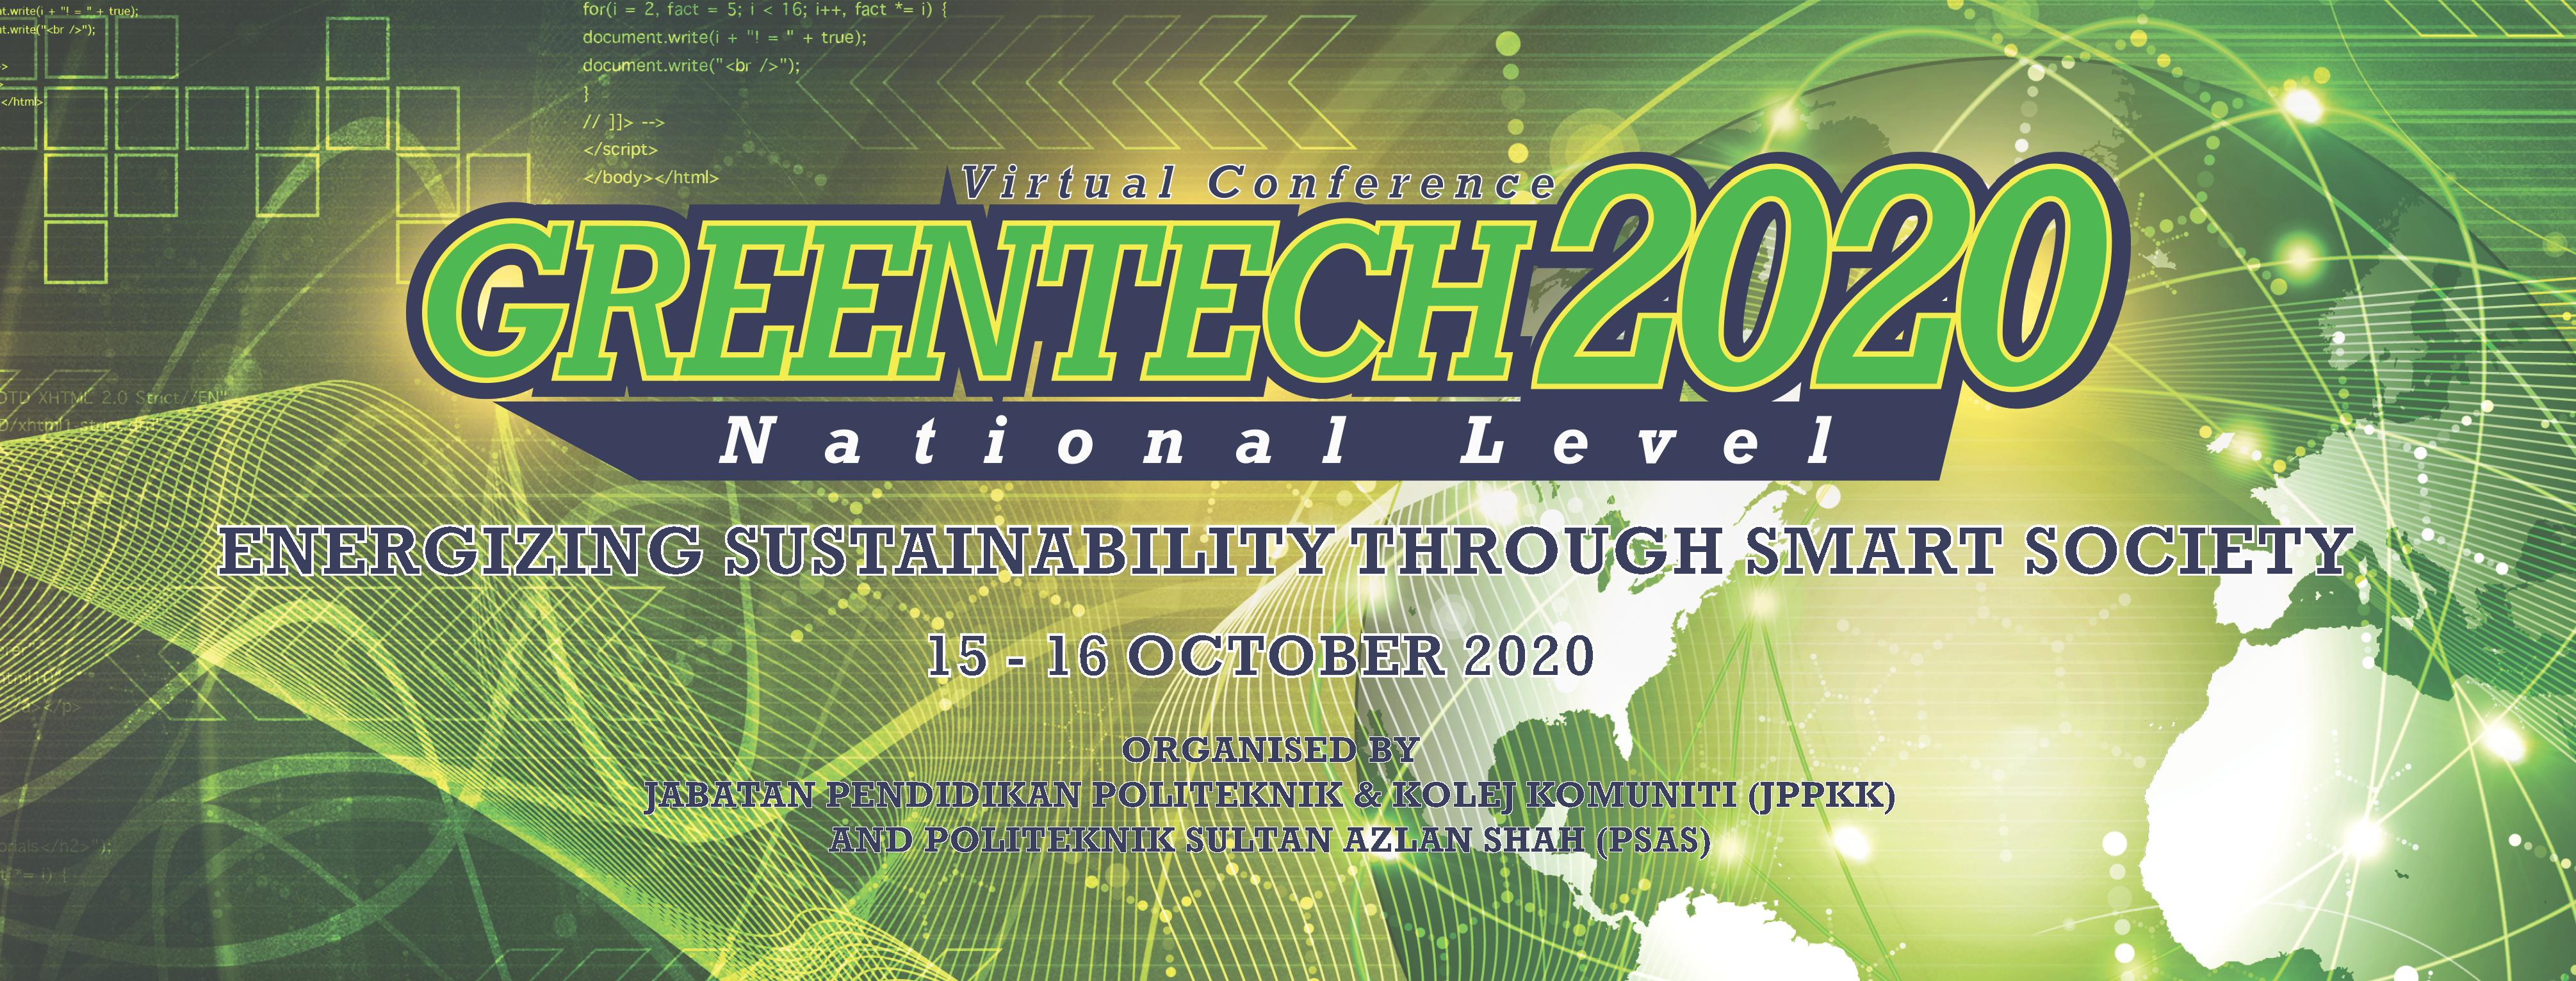 greentech_banner